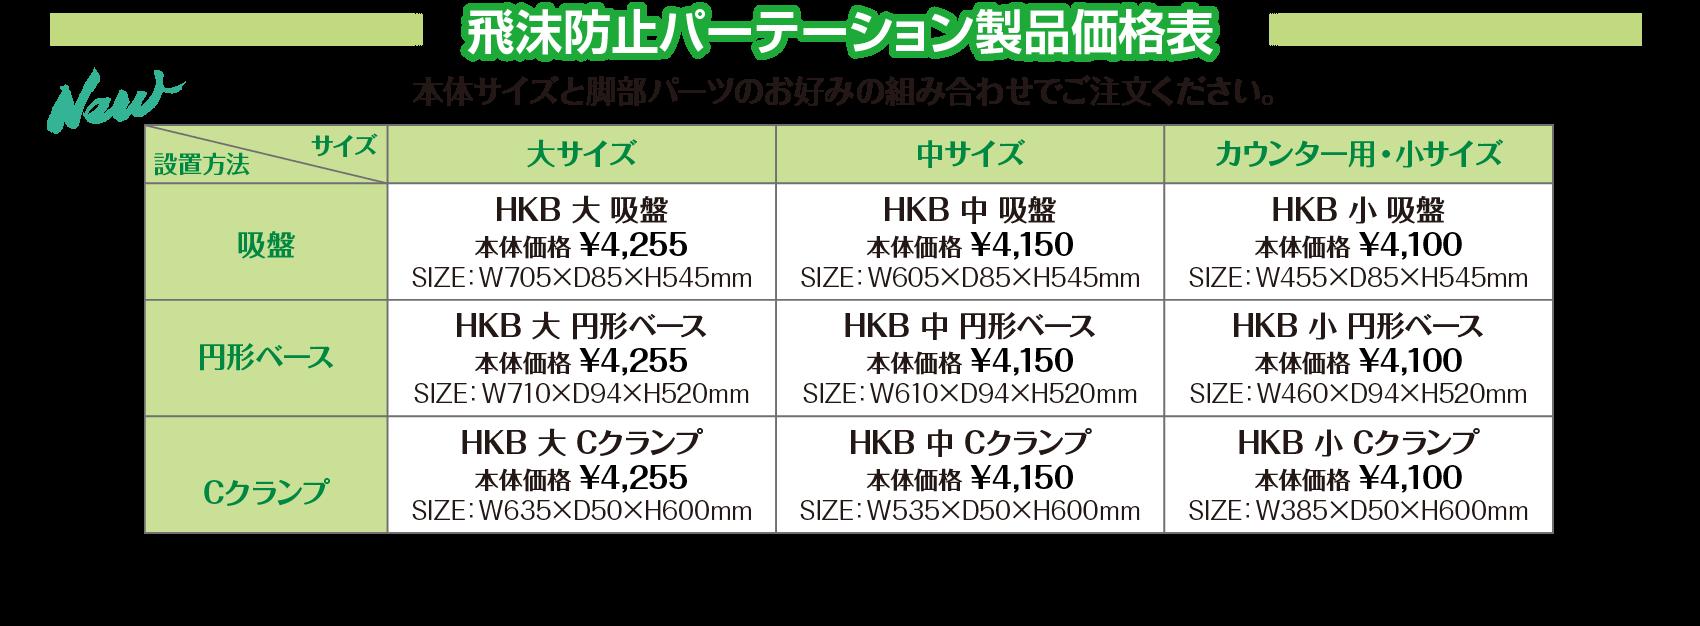 飛沫防止パーテーション製品価格表